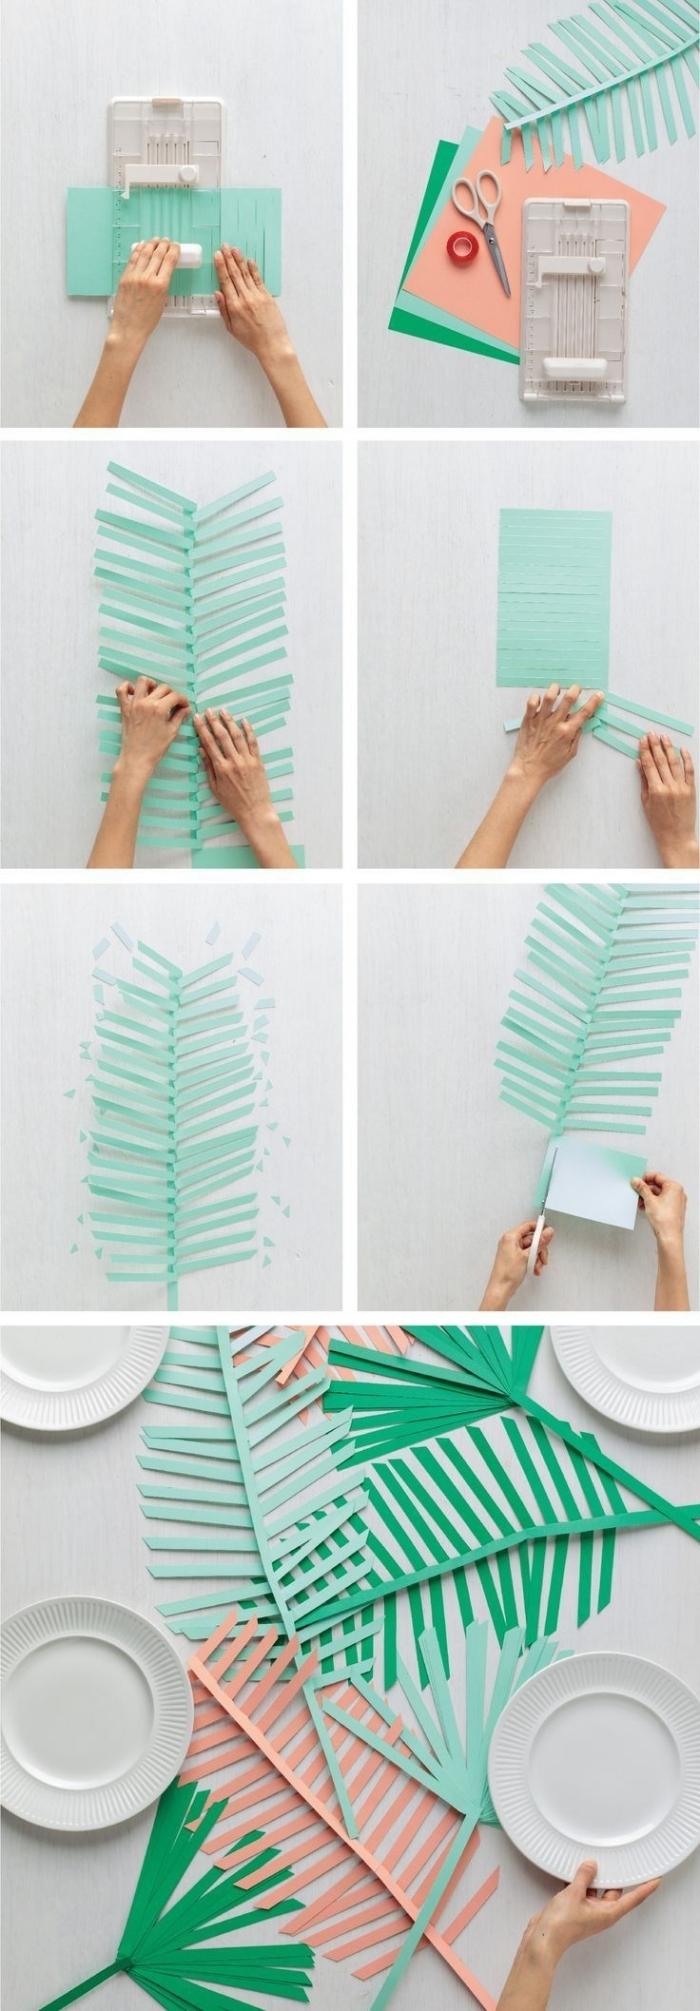 activité manuelle printemps, tutoriel comment faire une décoration de table en forme de feuilles en papier coloré vert